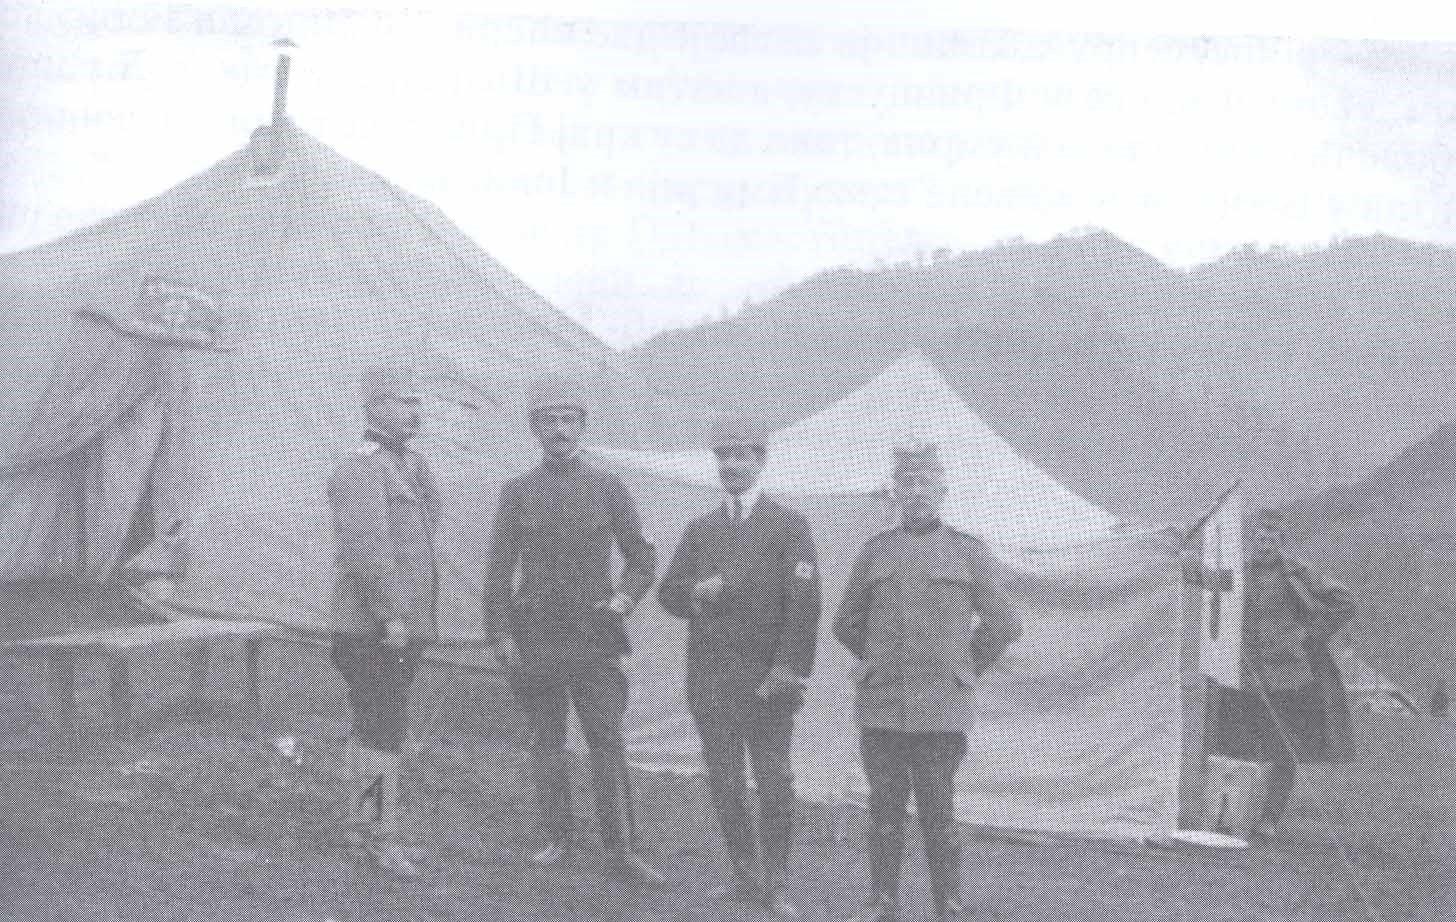 3. Др Платон као командир I пољске болнице Дринске дивизије